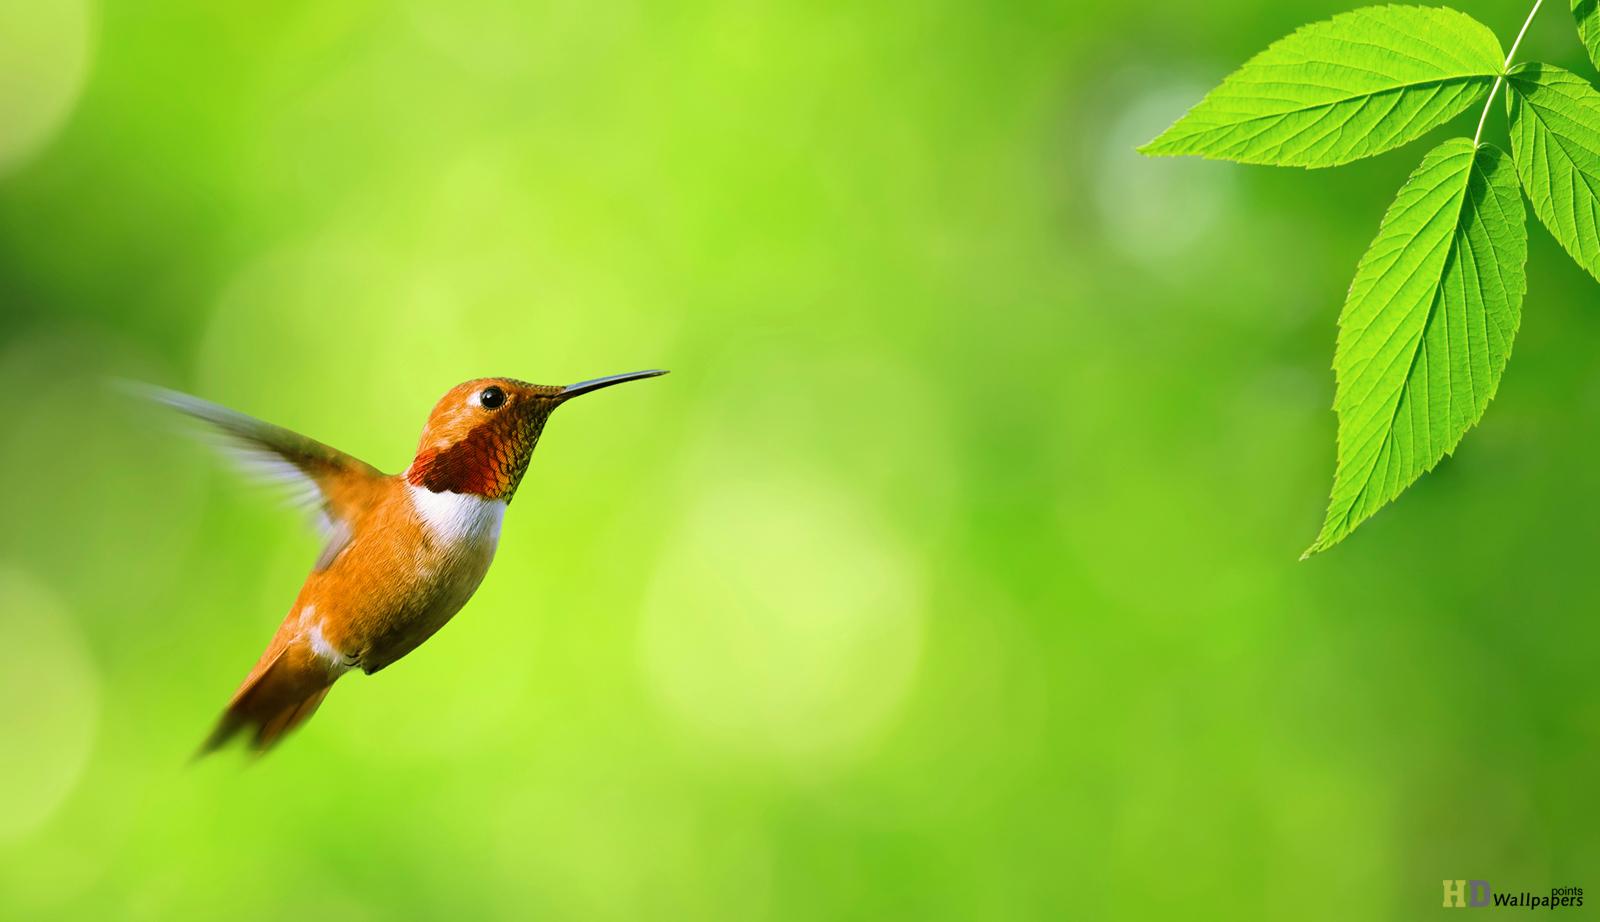 Обои для рабочего стола птица колибри